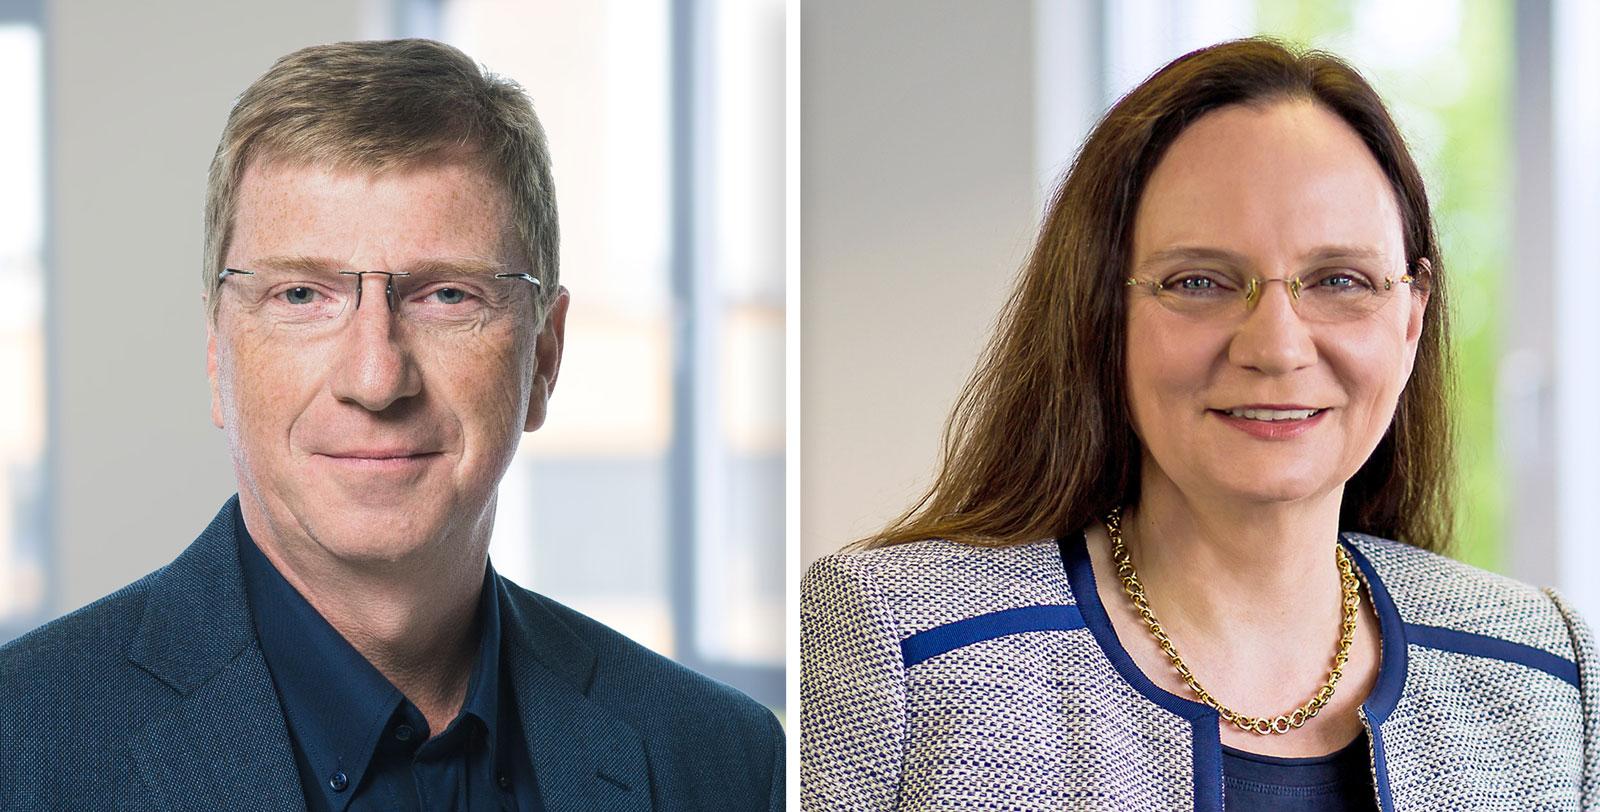 Die Geschäftsleitung der GRÜN NTX GmbH: Rainer Heckmann als neuer CEO und Carola Fornoff als COO.